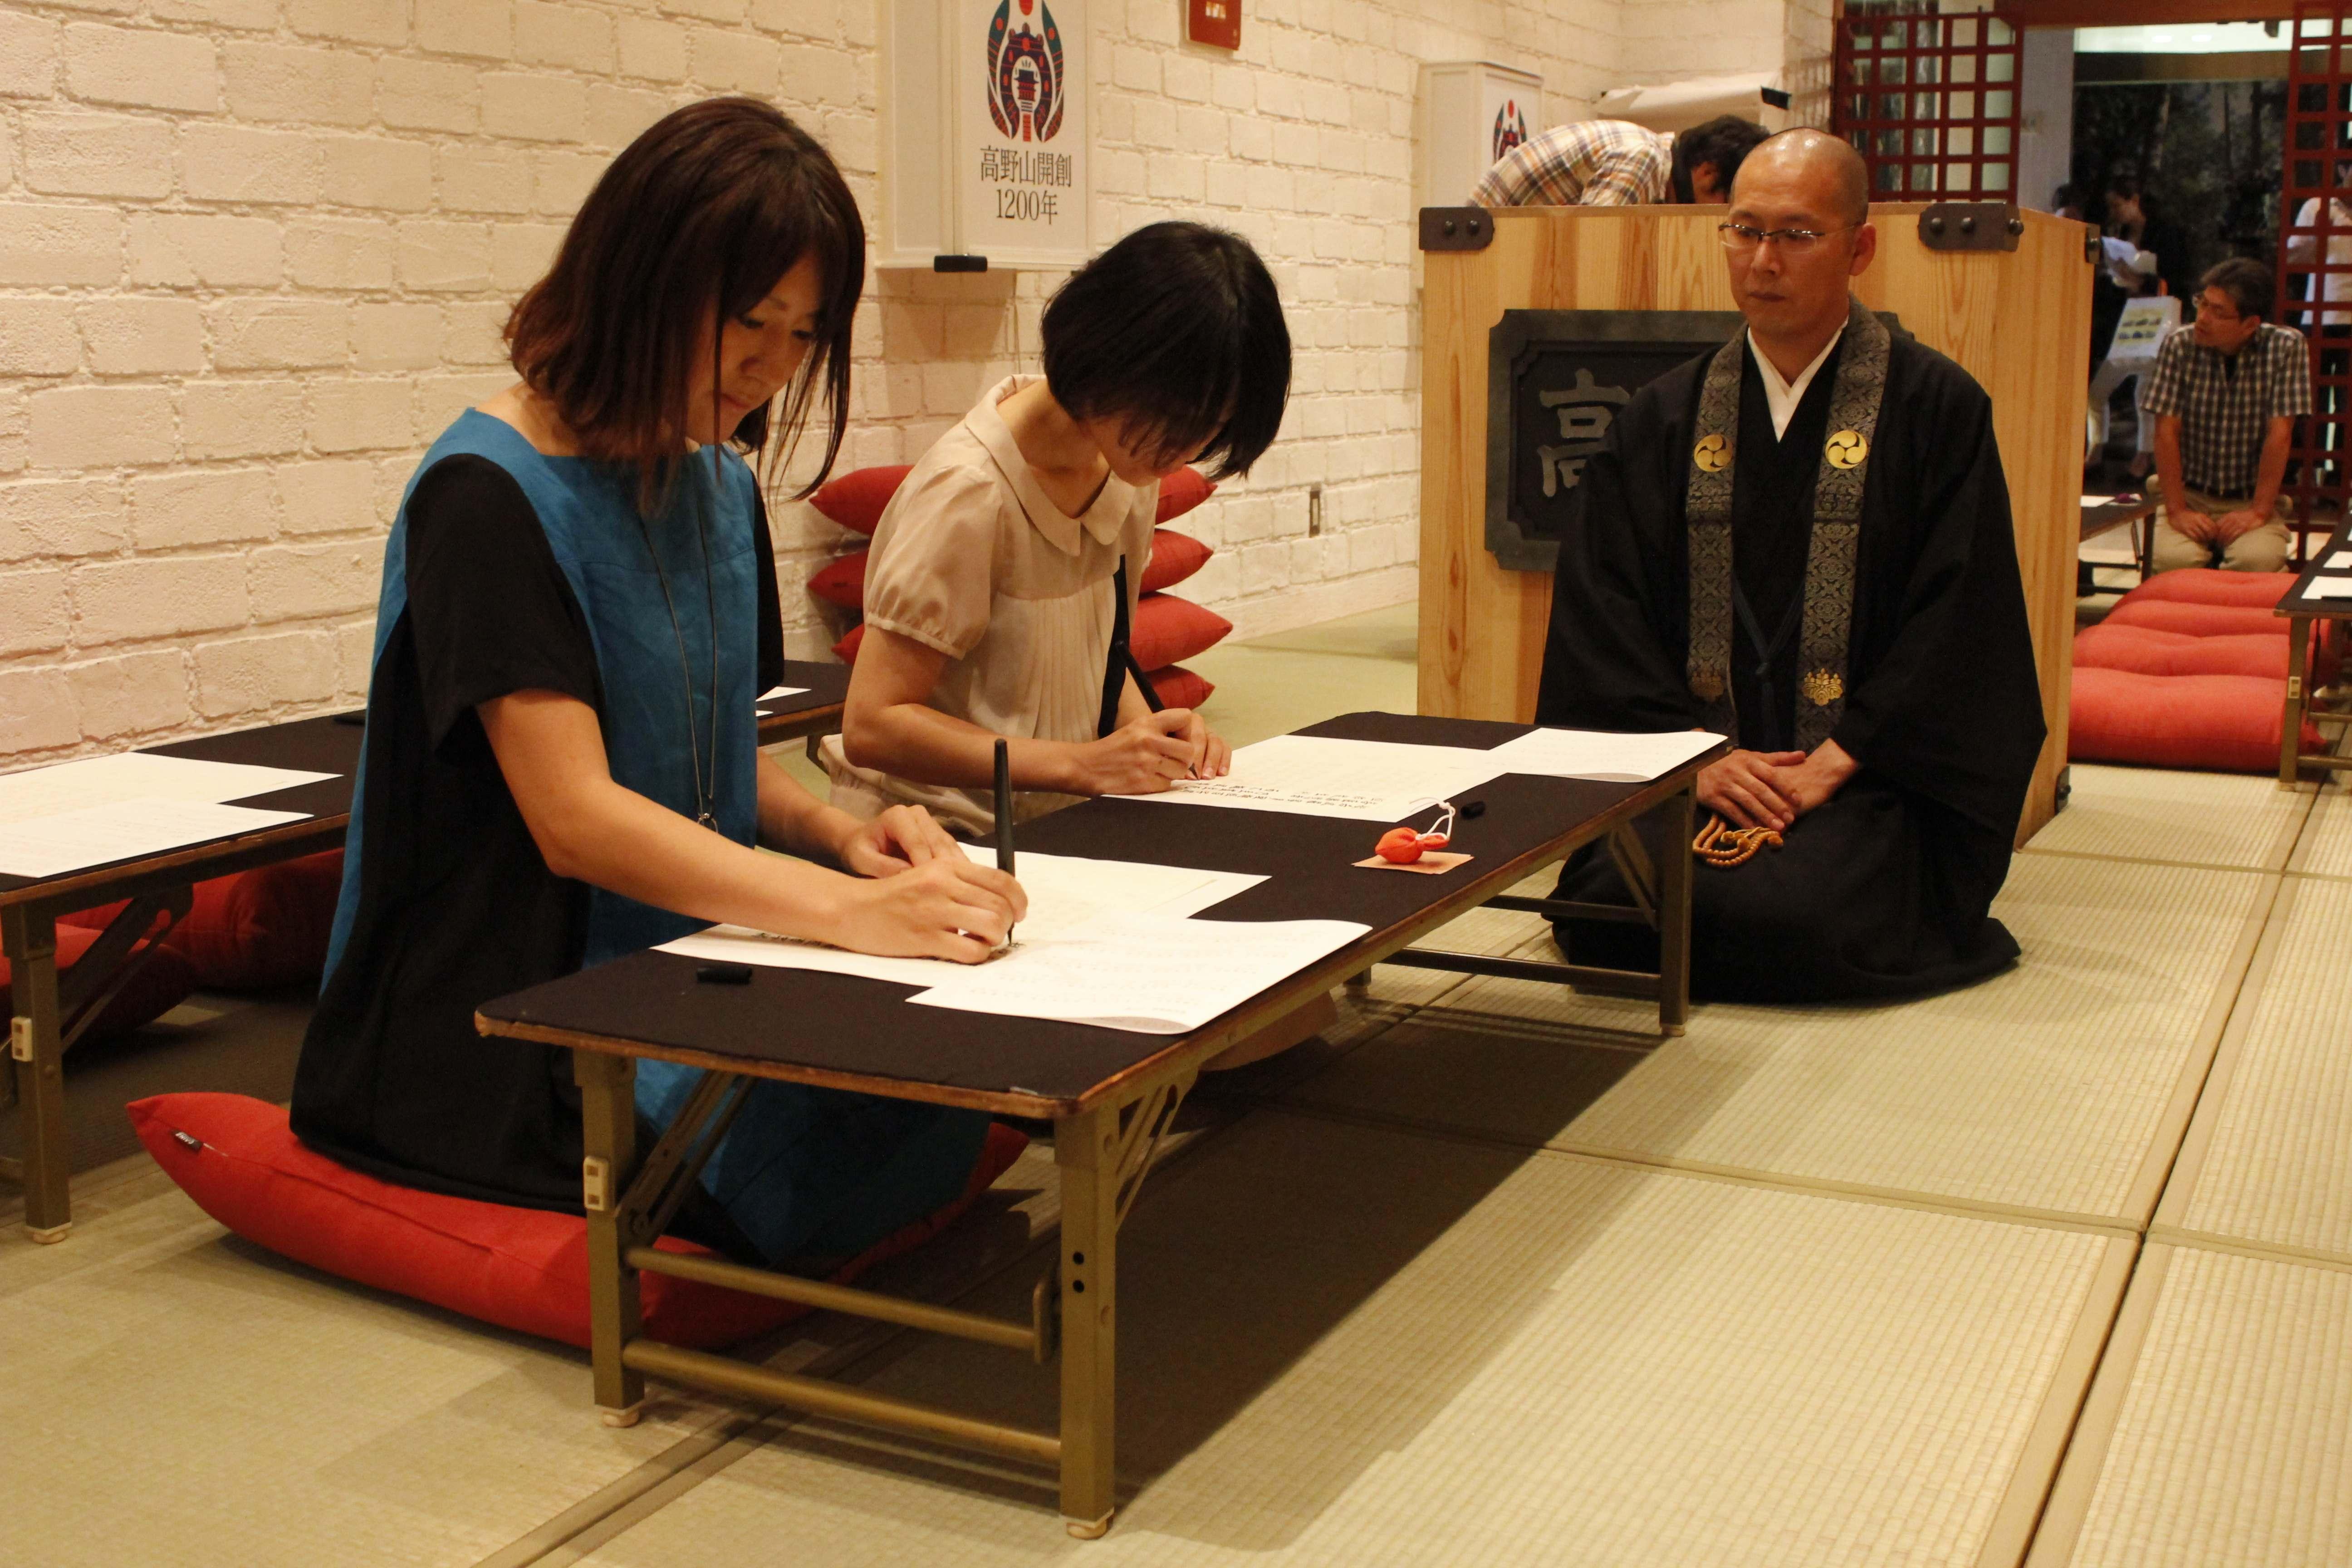 東京・丸の内で気軽に高野山が体験できる 「高野山カフェ」 in丸の内ハウス2014